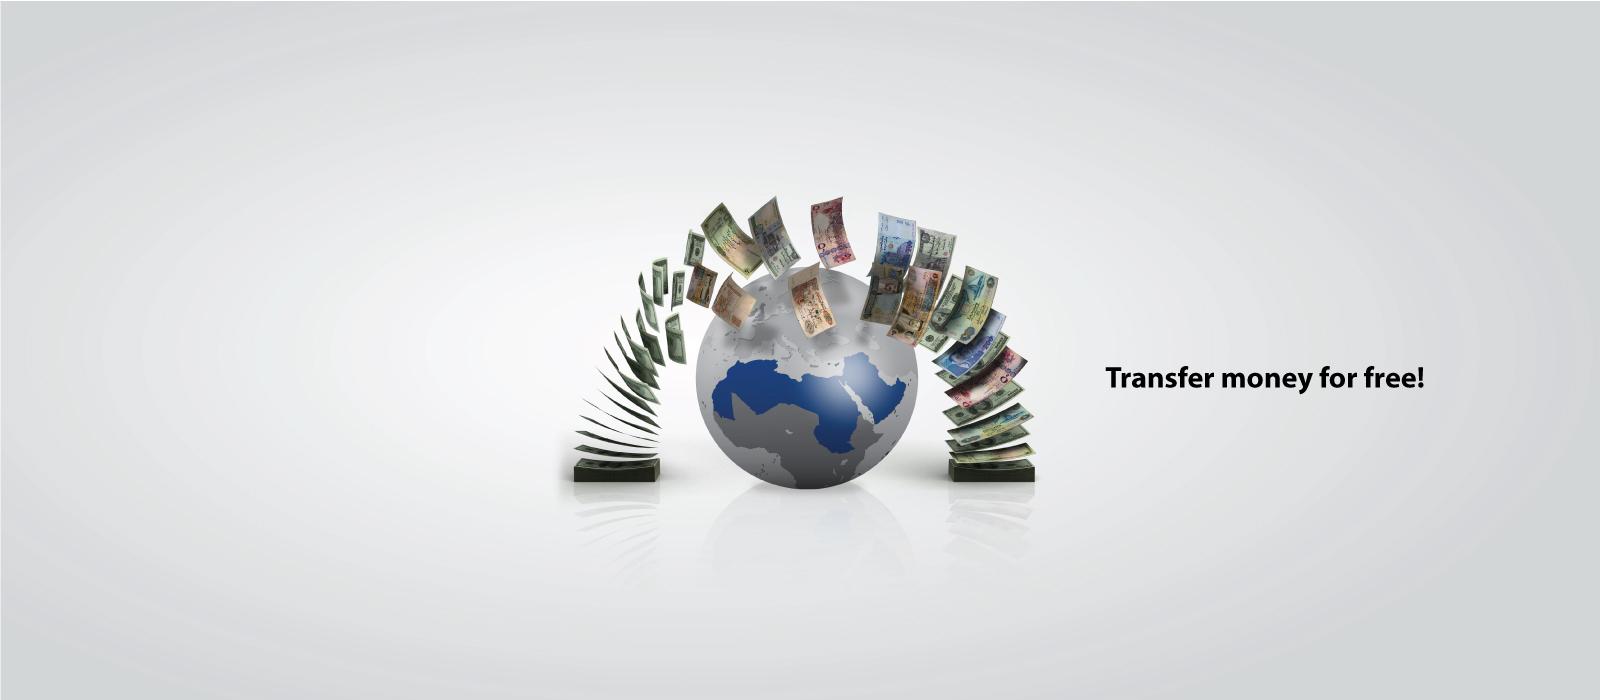 Free-Remittance-1600x700-E